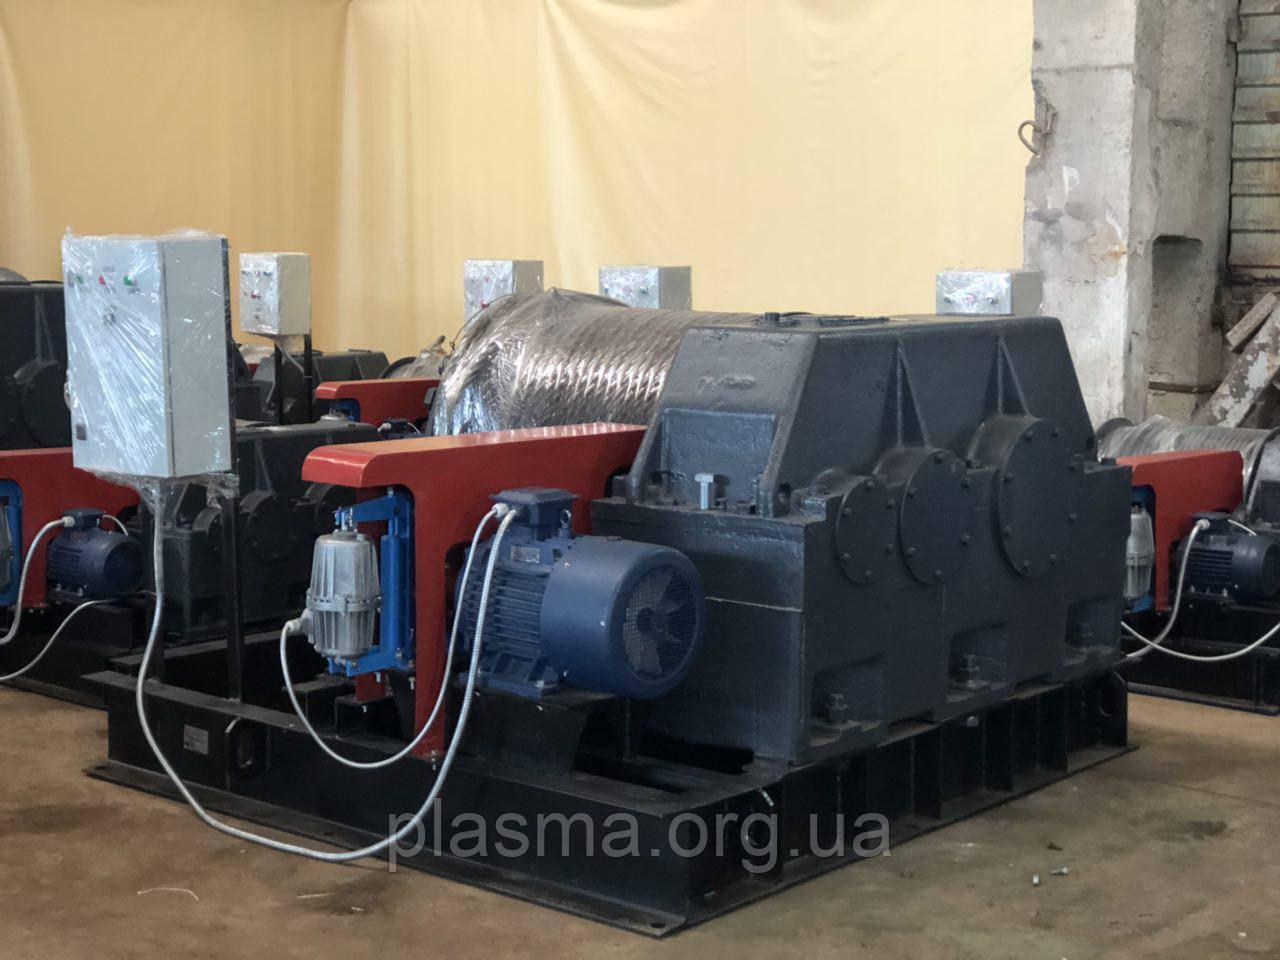 Лебедка электрическая тяговая ТЭЛ-20